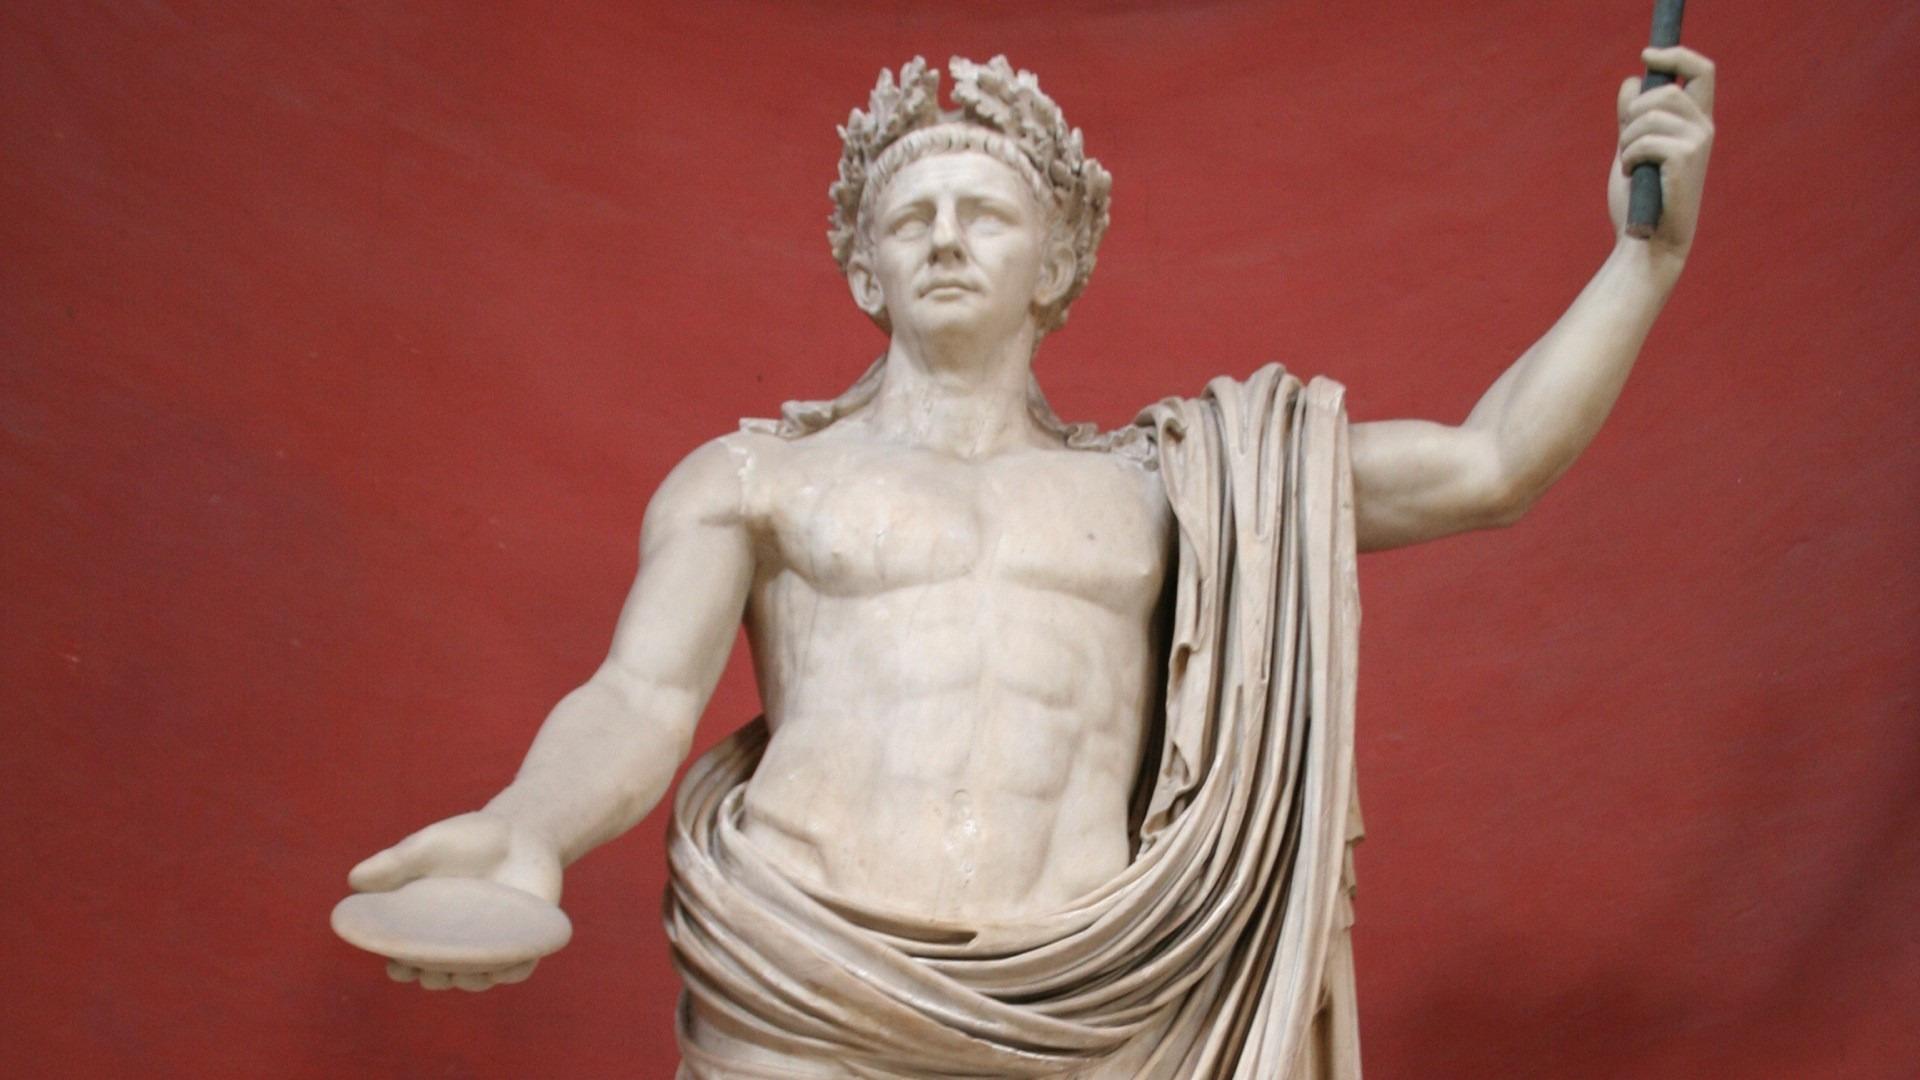 Show I, Claudius